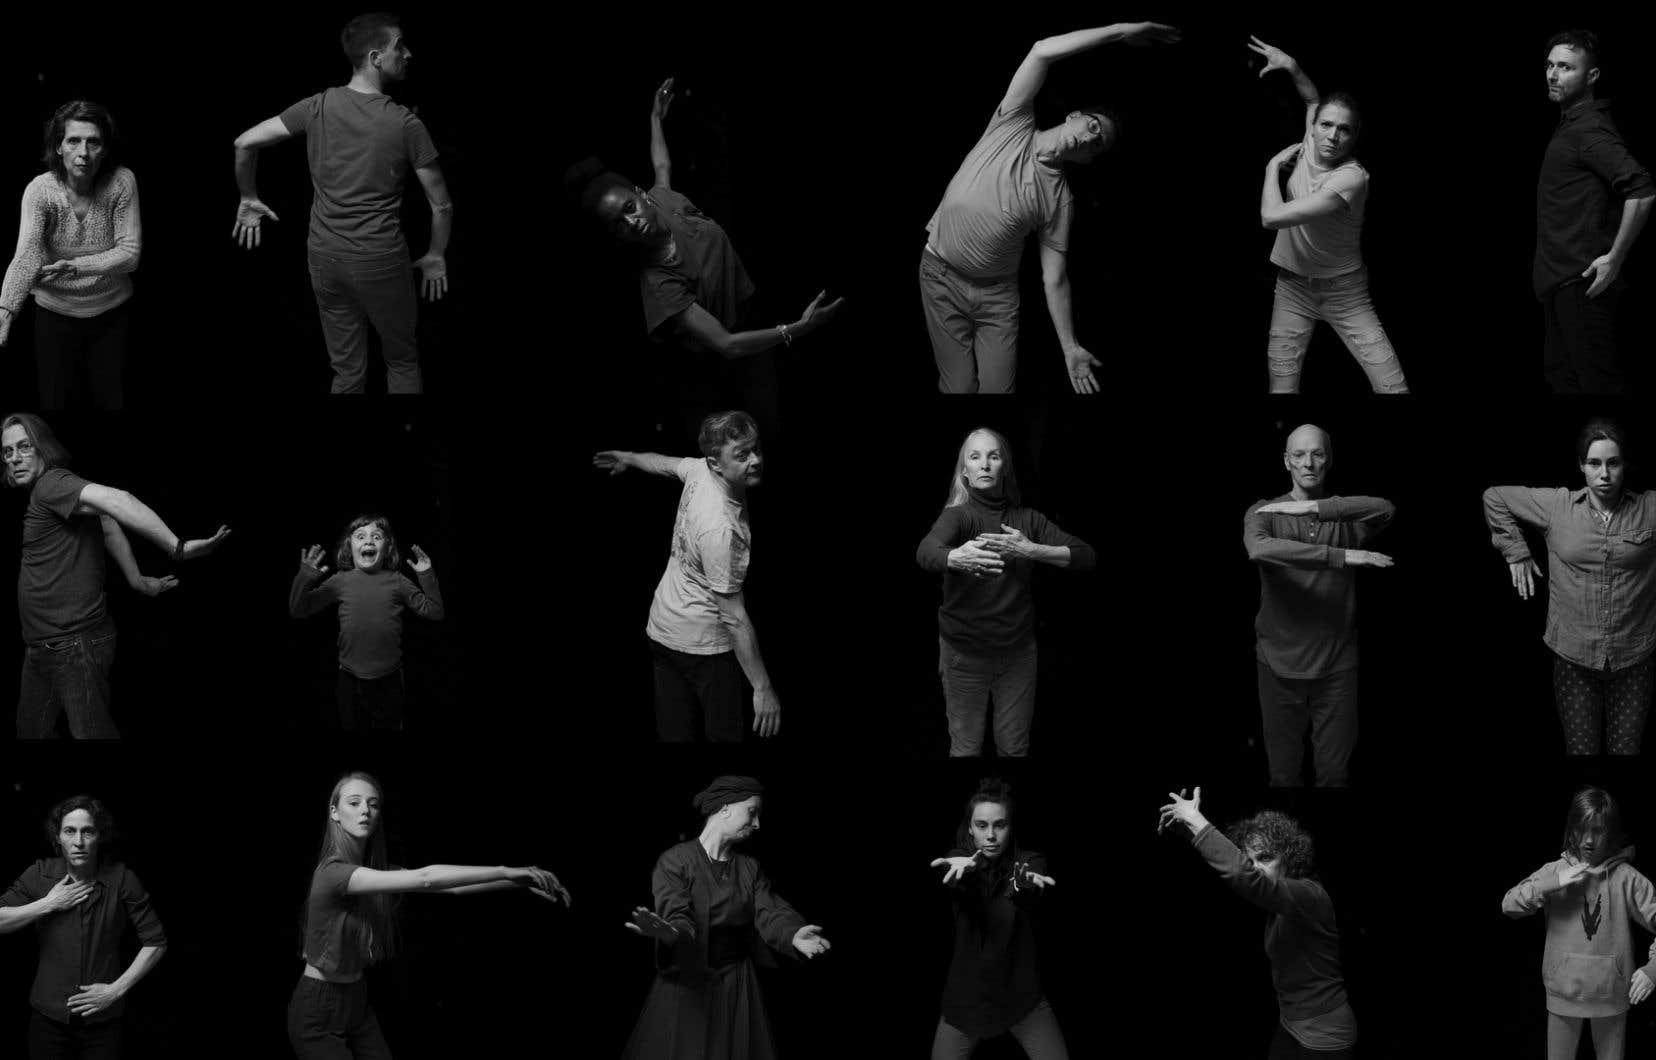 L'œuvre numérique interactive «Vast Body 22» signée AATOAA et Vincent Morisset, qui fait partie des créations primées, reflète, selon Catalina Briceño, une «thématique imposante autour de la diversité, autour de ce rapport à l'autre» que l'on retrouve chez beaucoup de nommés et de gagnants de cette année.